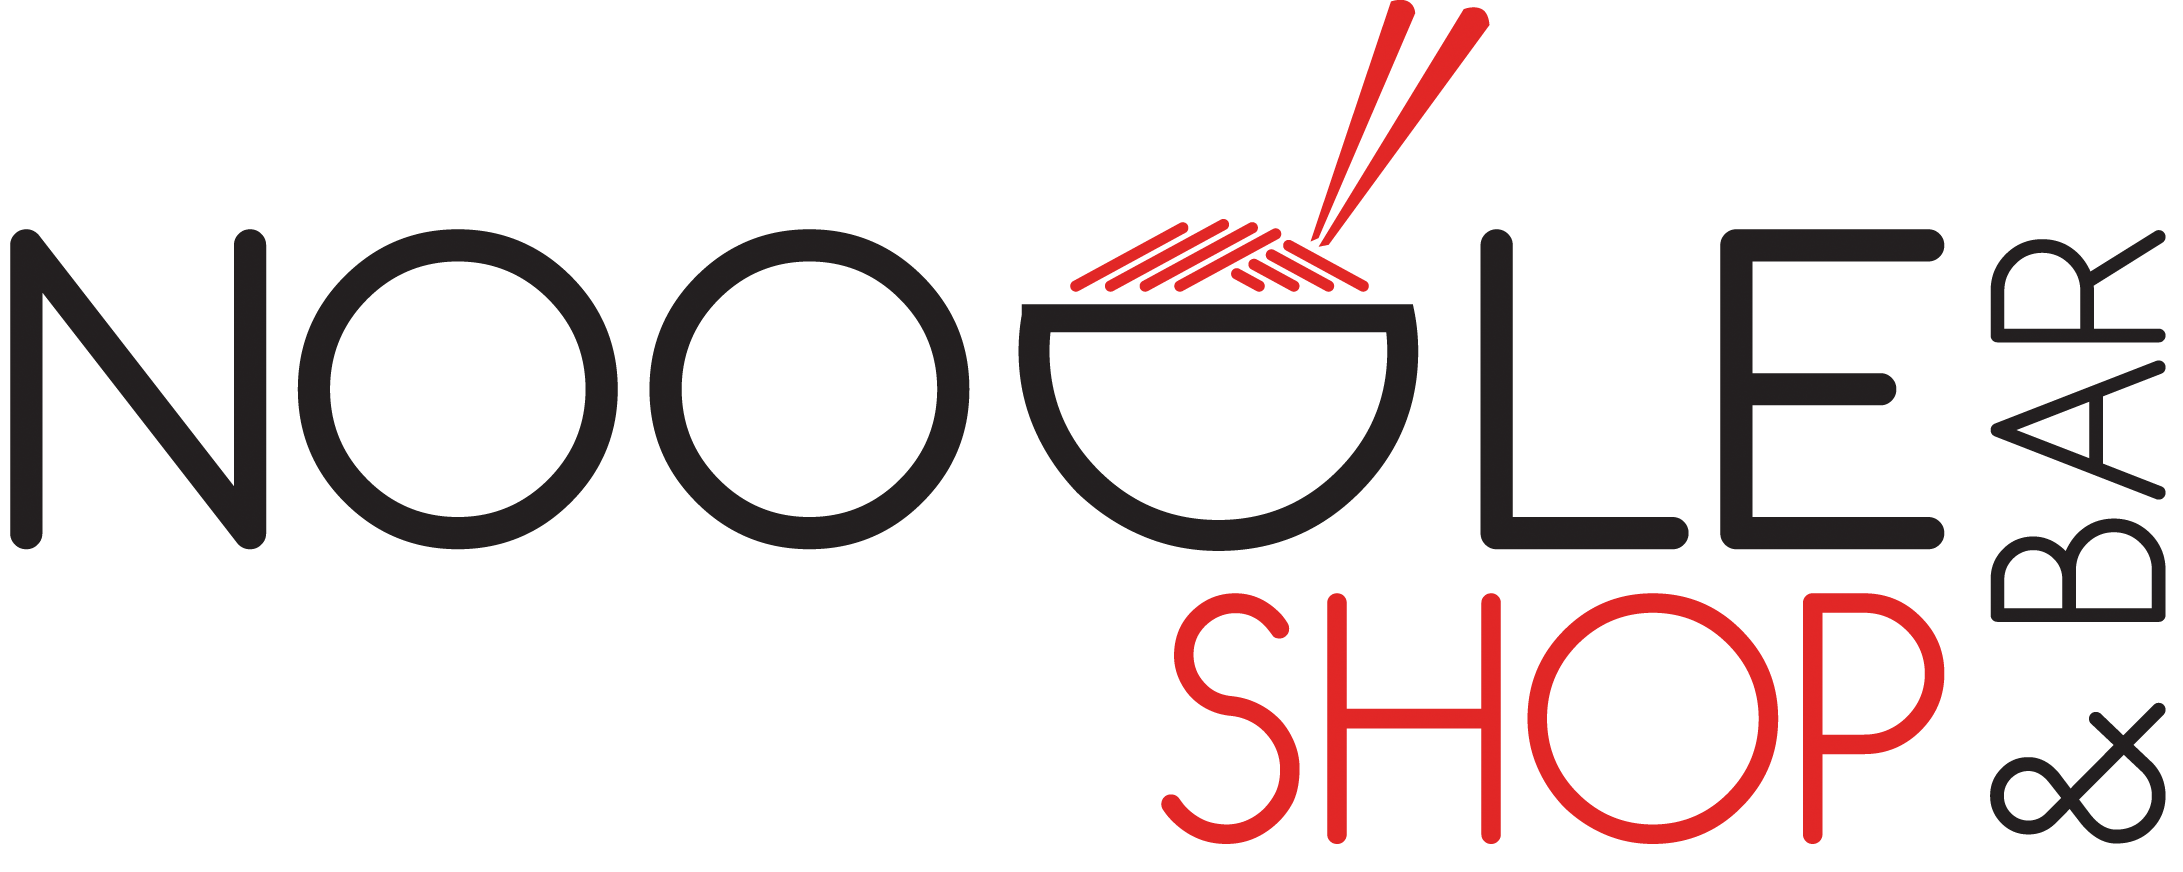 Noodle Shop and Bar